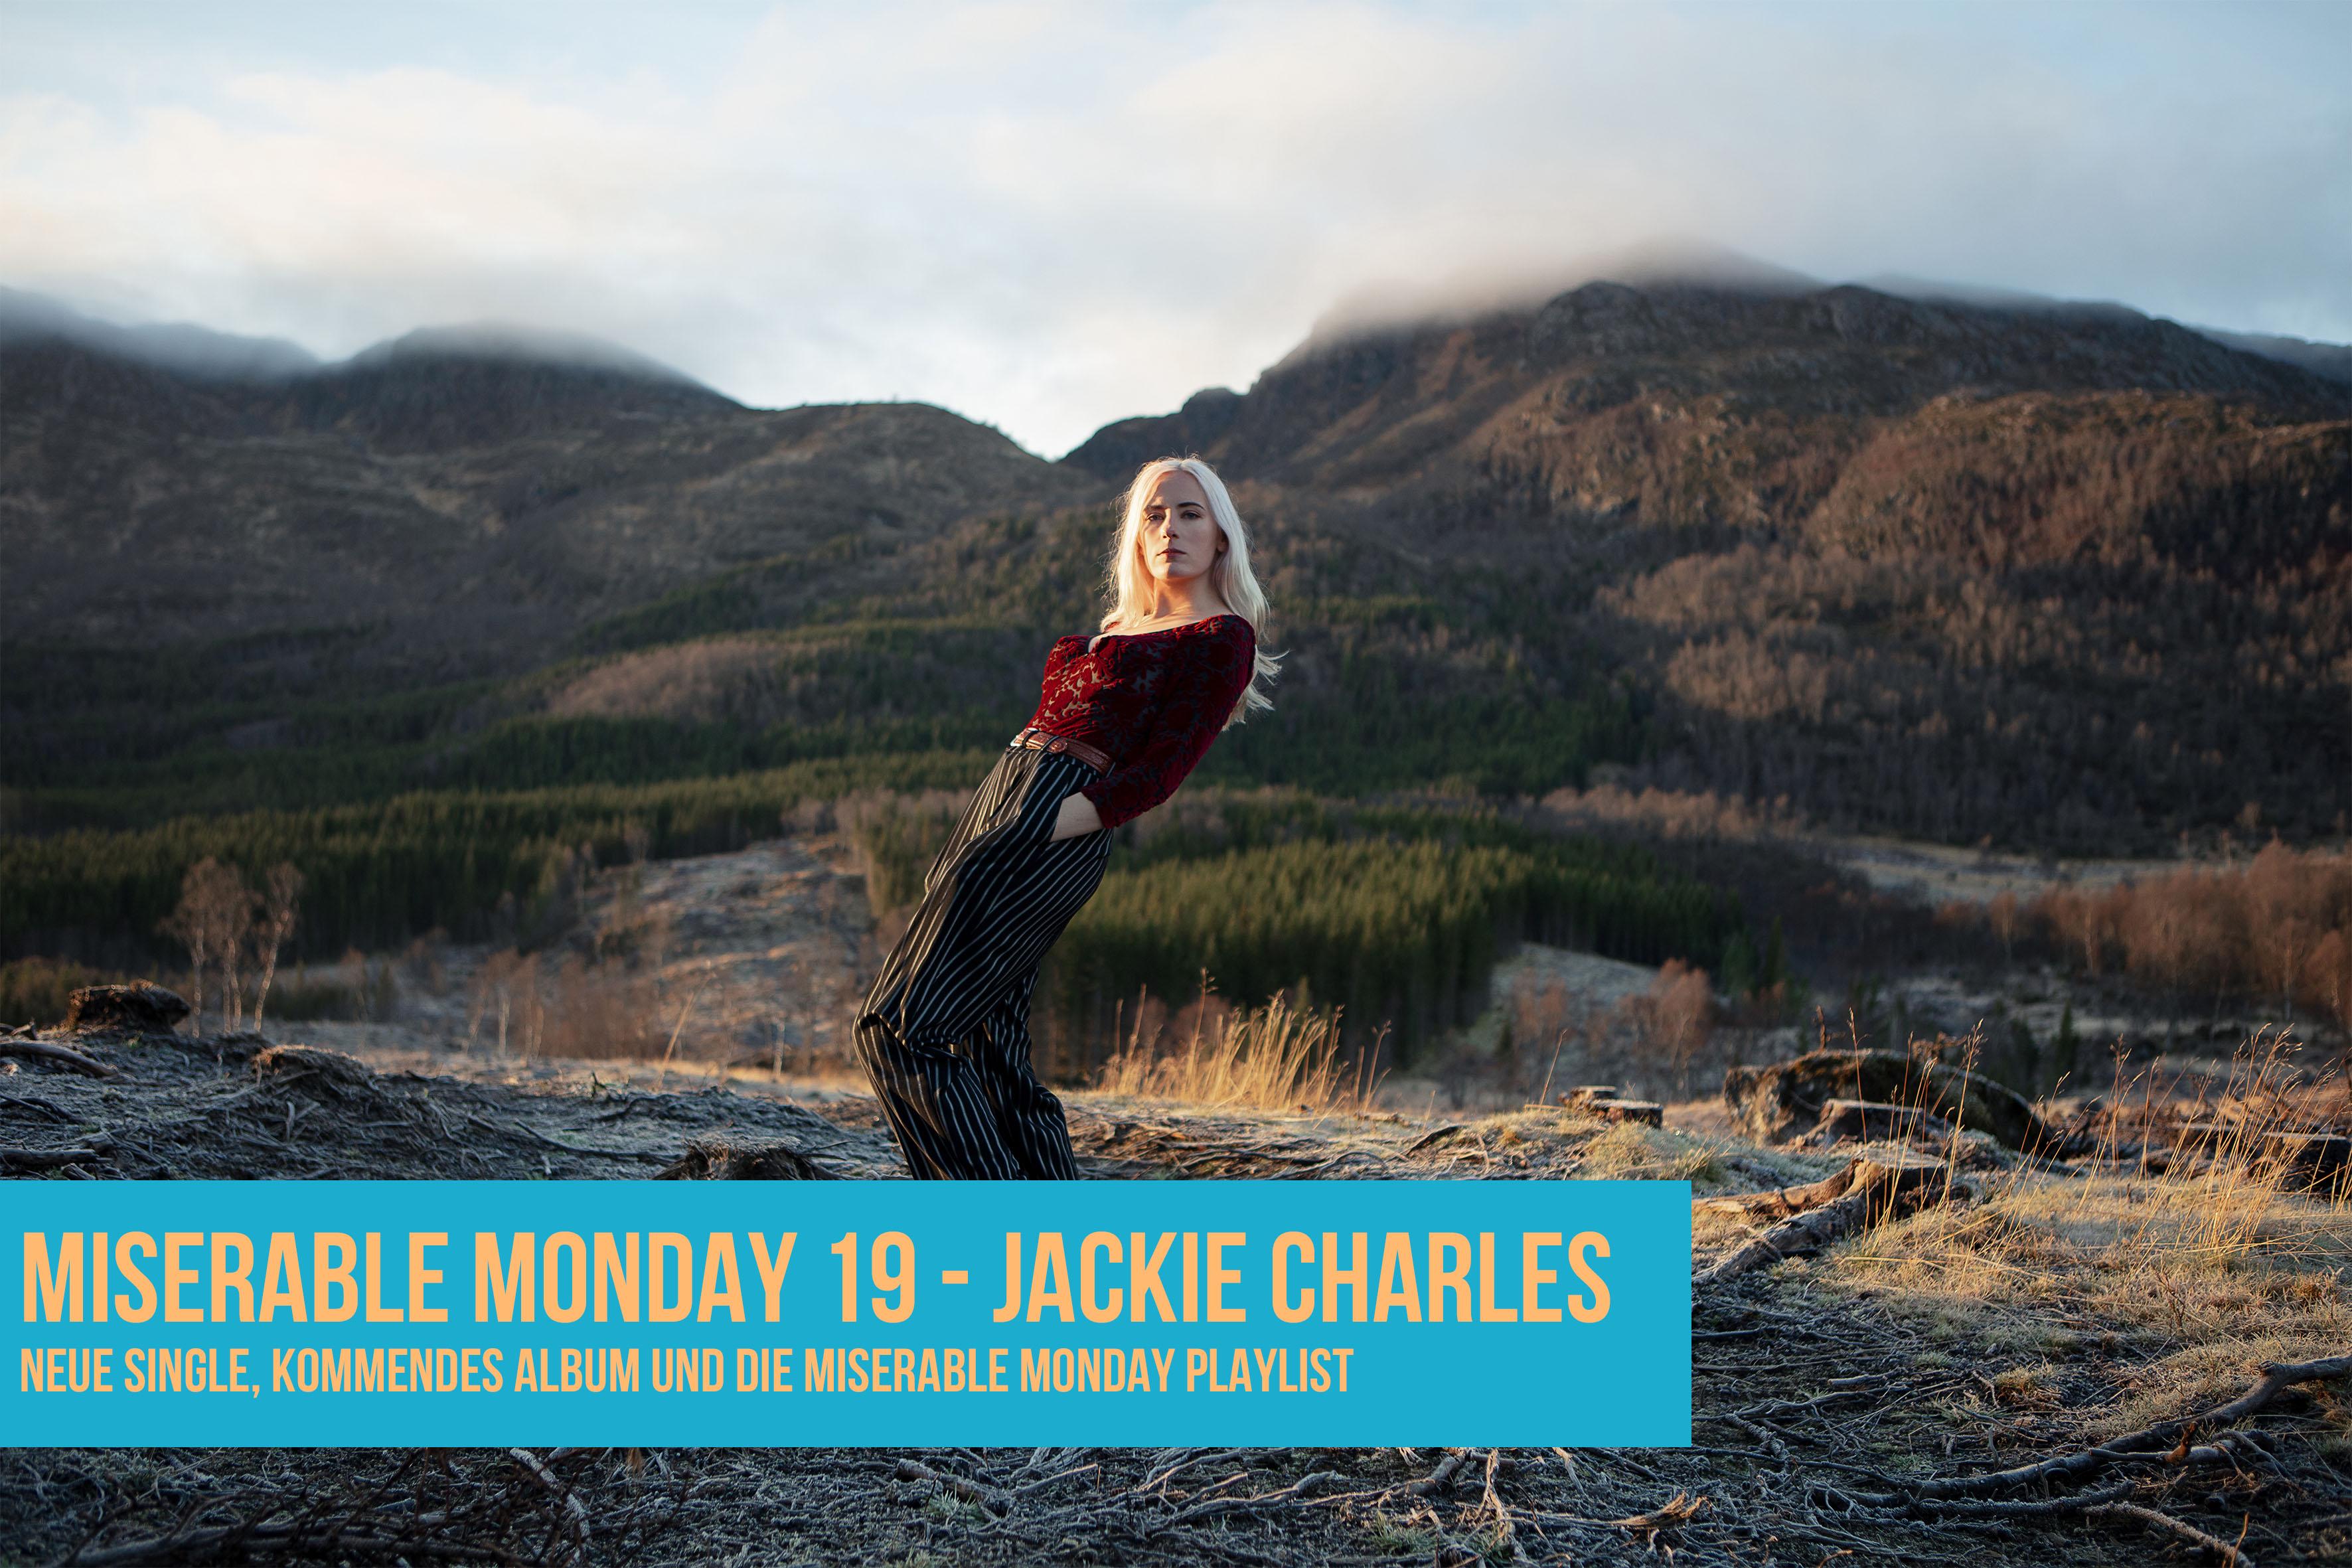 019 - Jackie Charles